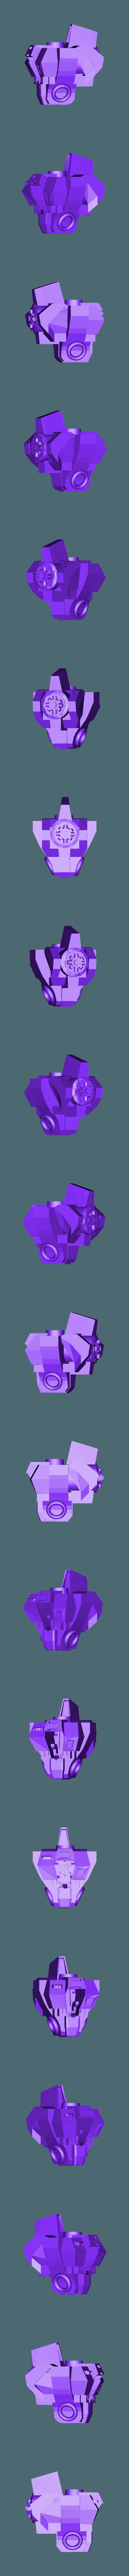 Bikini_Tau_Torso.obj Télécharger fichier OBJ gratuit Combinaison de combat pilote bikini • Design pour impression 3D, Leesedrenfort